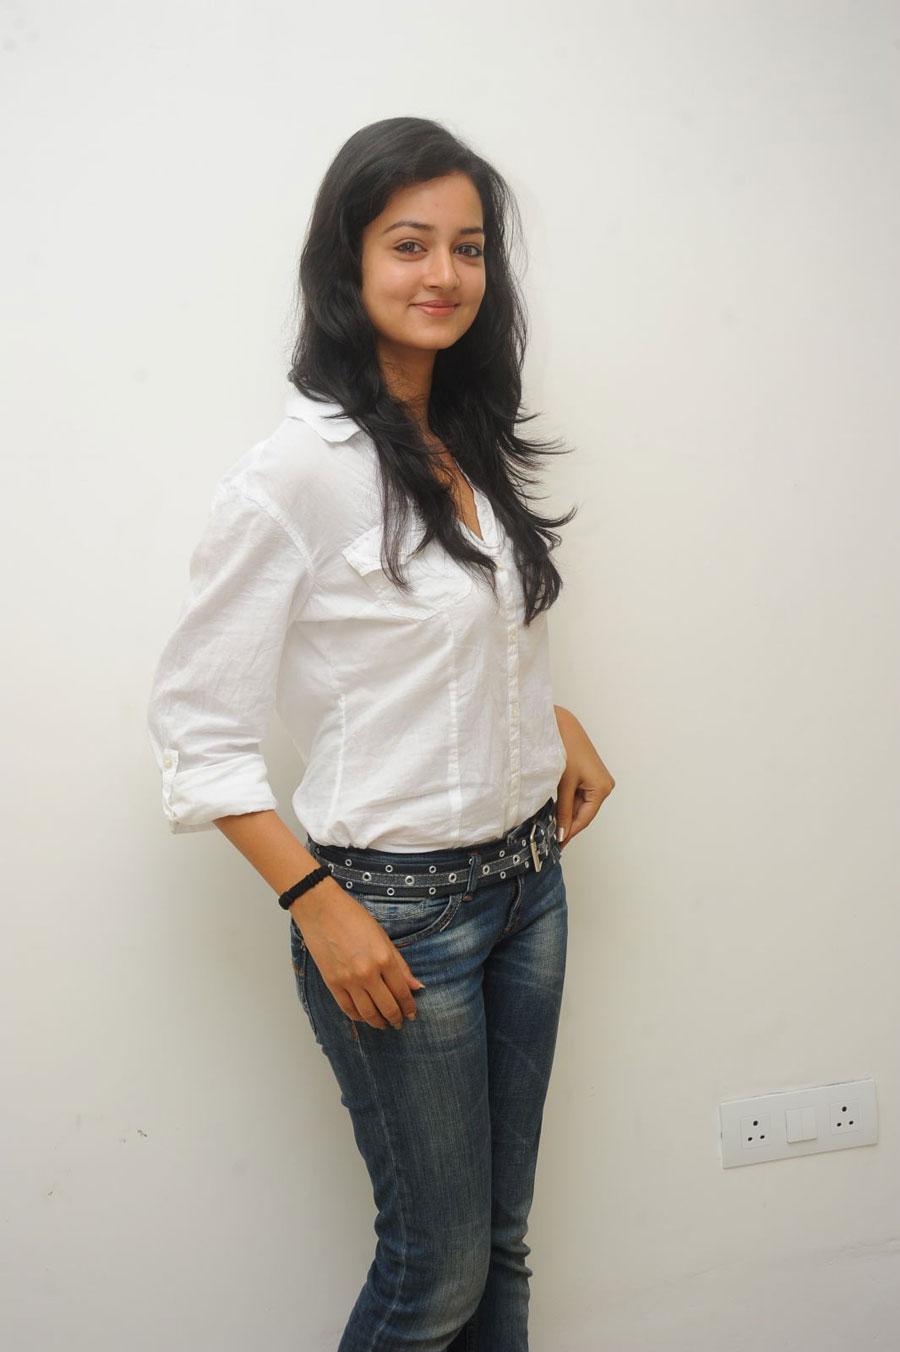 Shanvi Shoot in Adda Press Meet Photo Gallery - Page 2 Sanvi-26